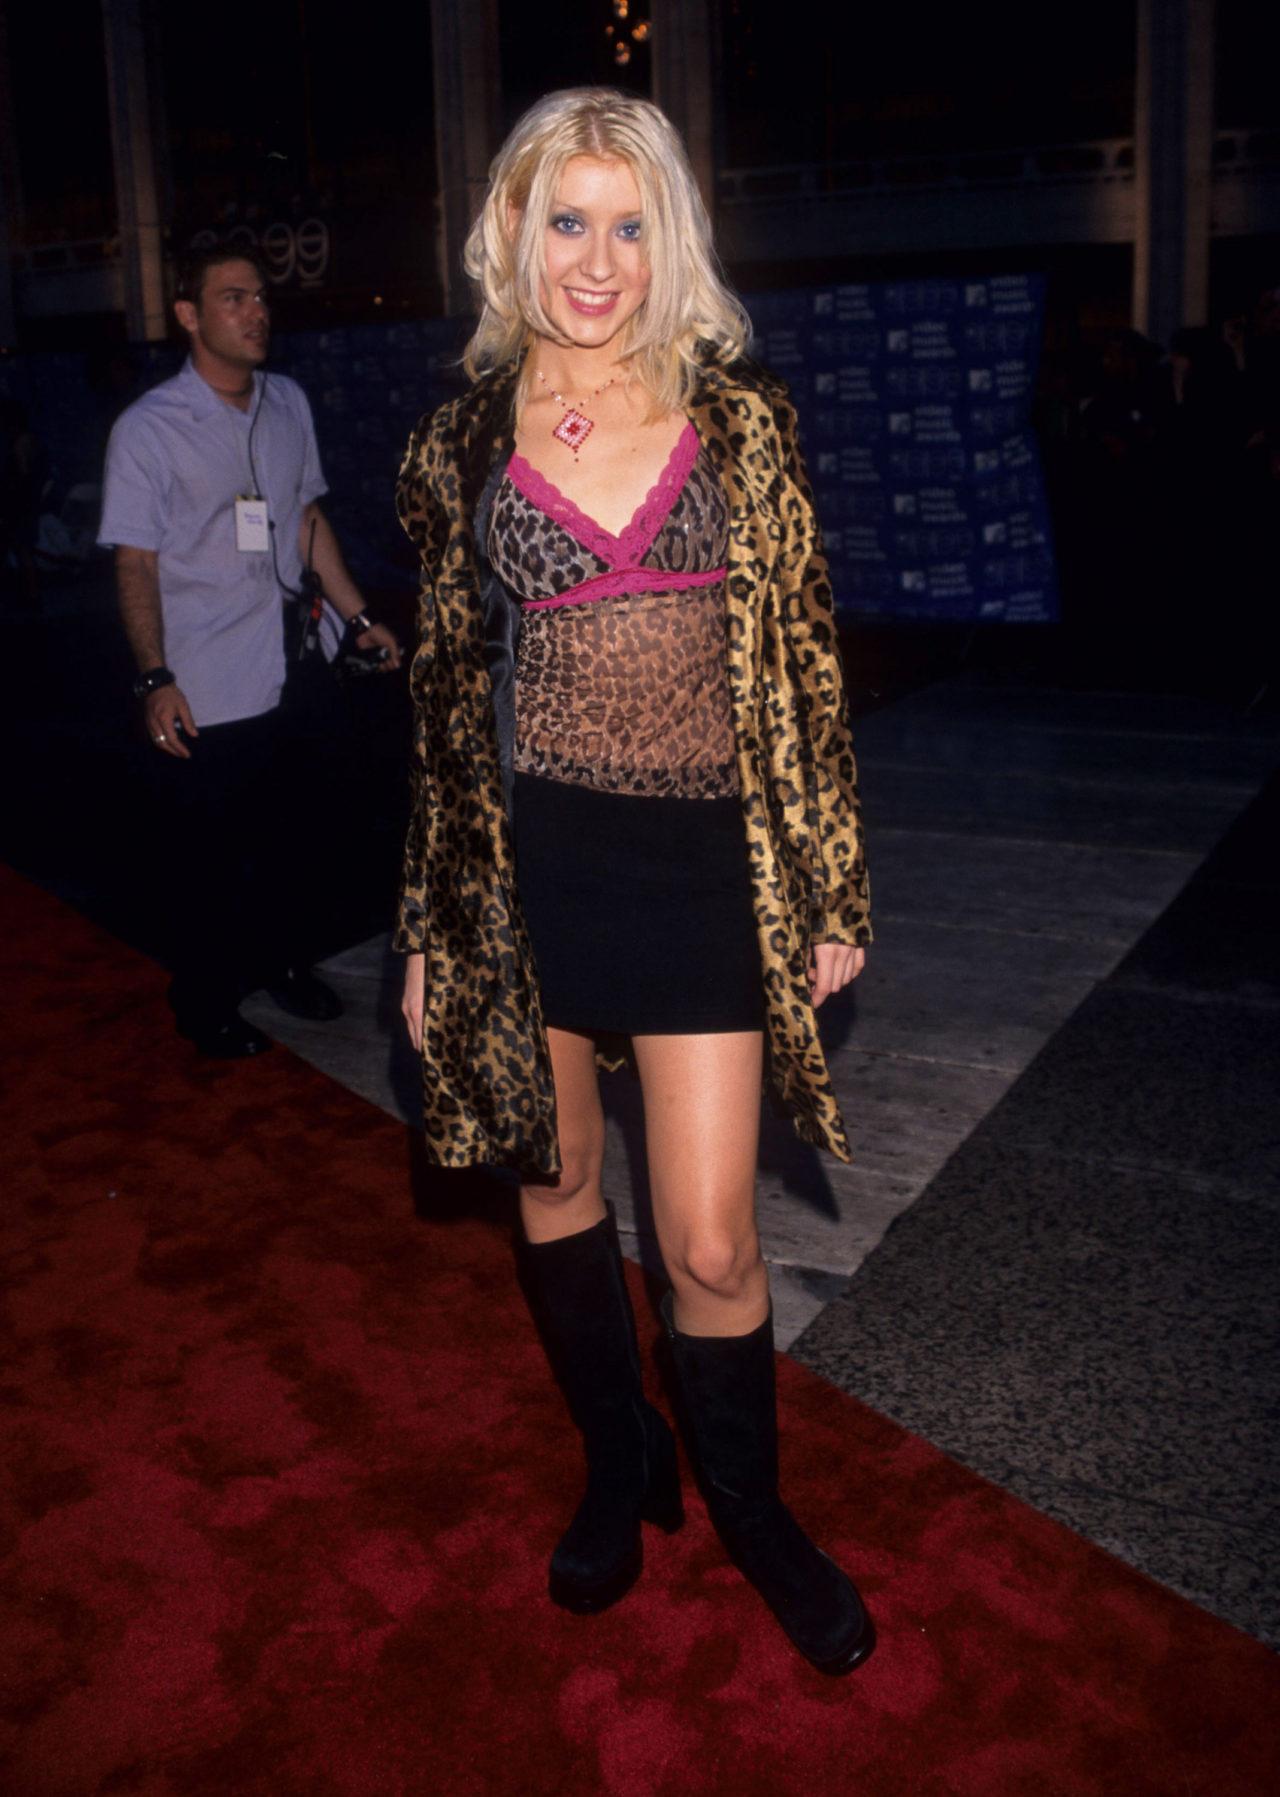 El estilo de Christina Aguilera solía ser